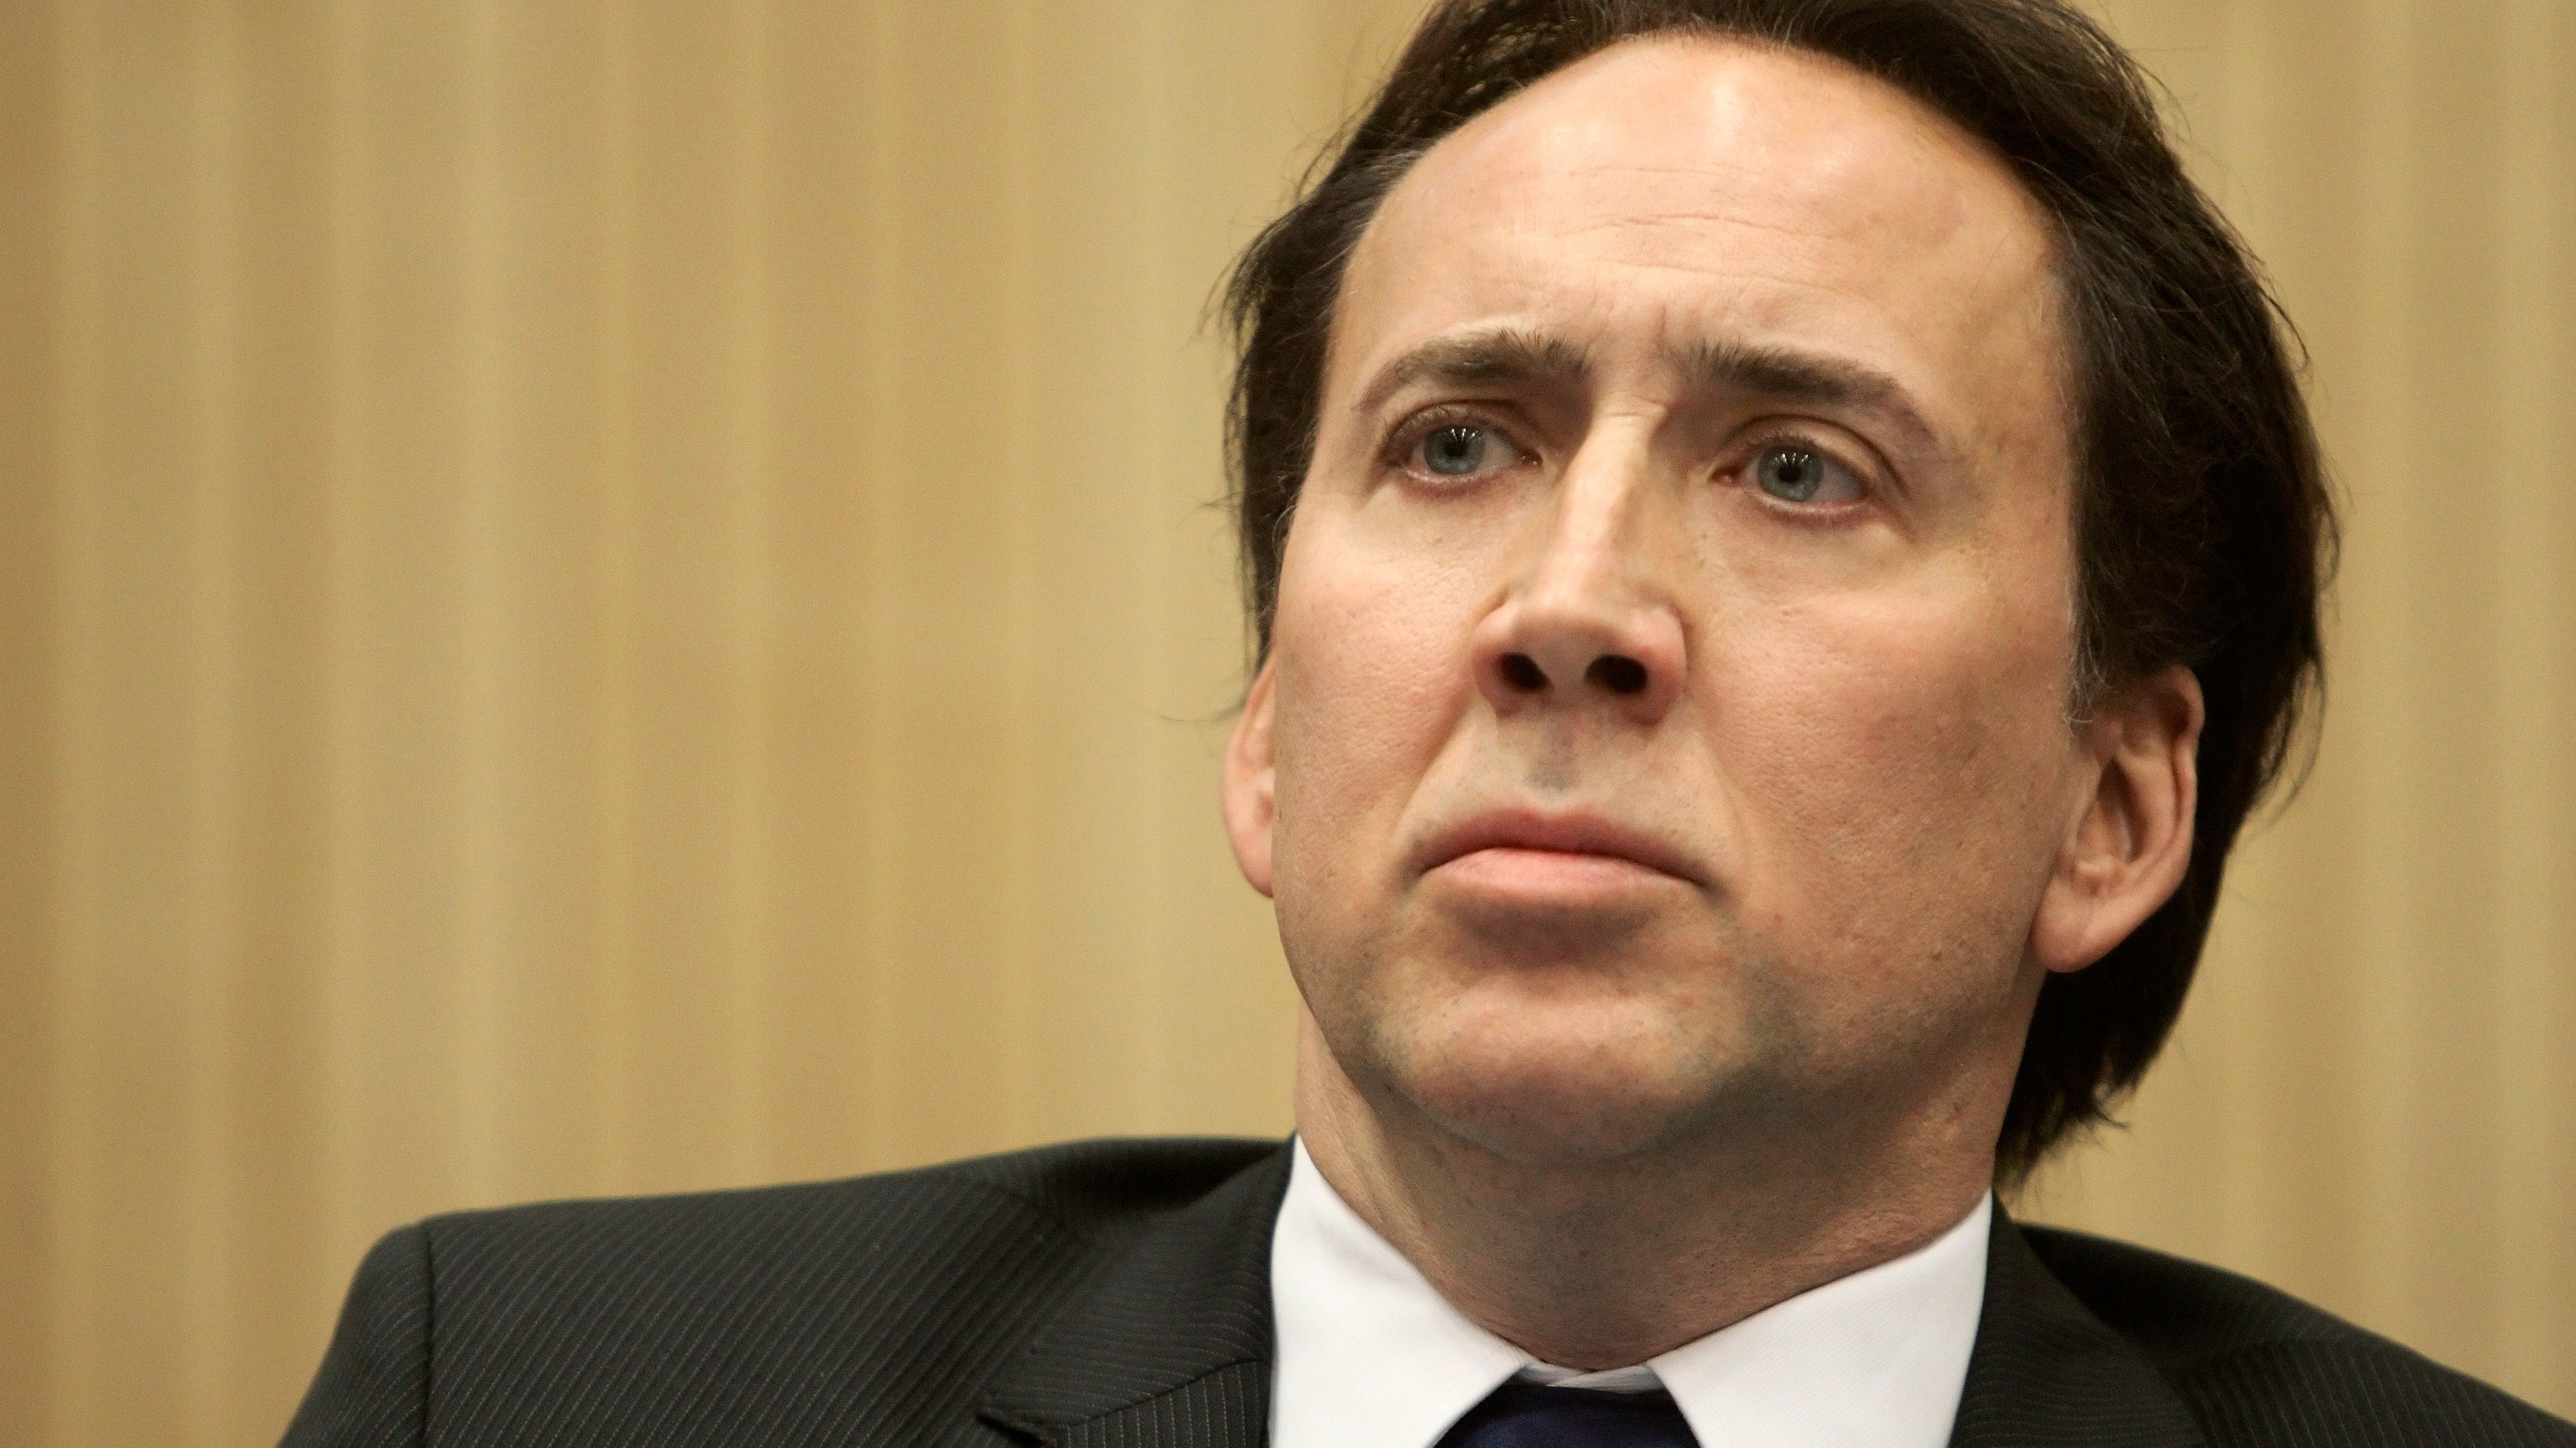 Nicolas Cage HD Wallpaper